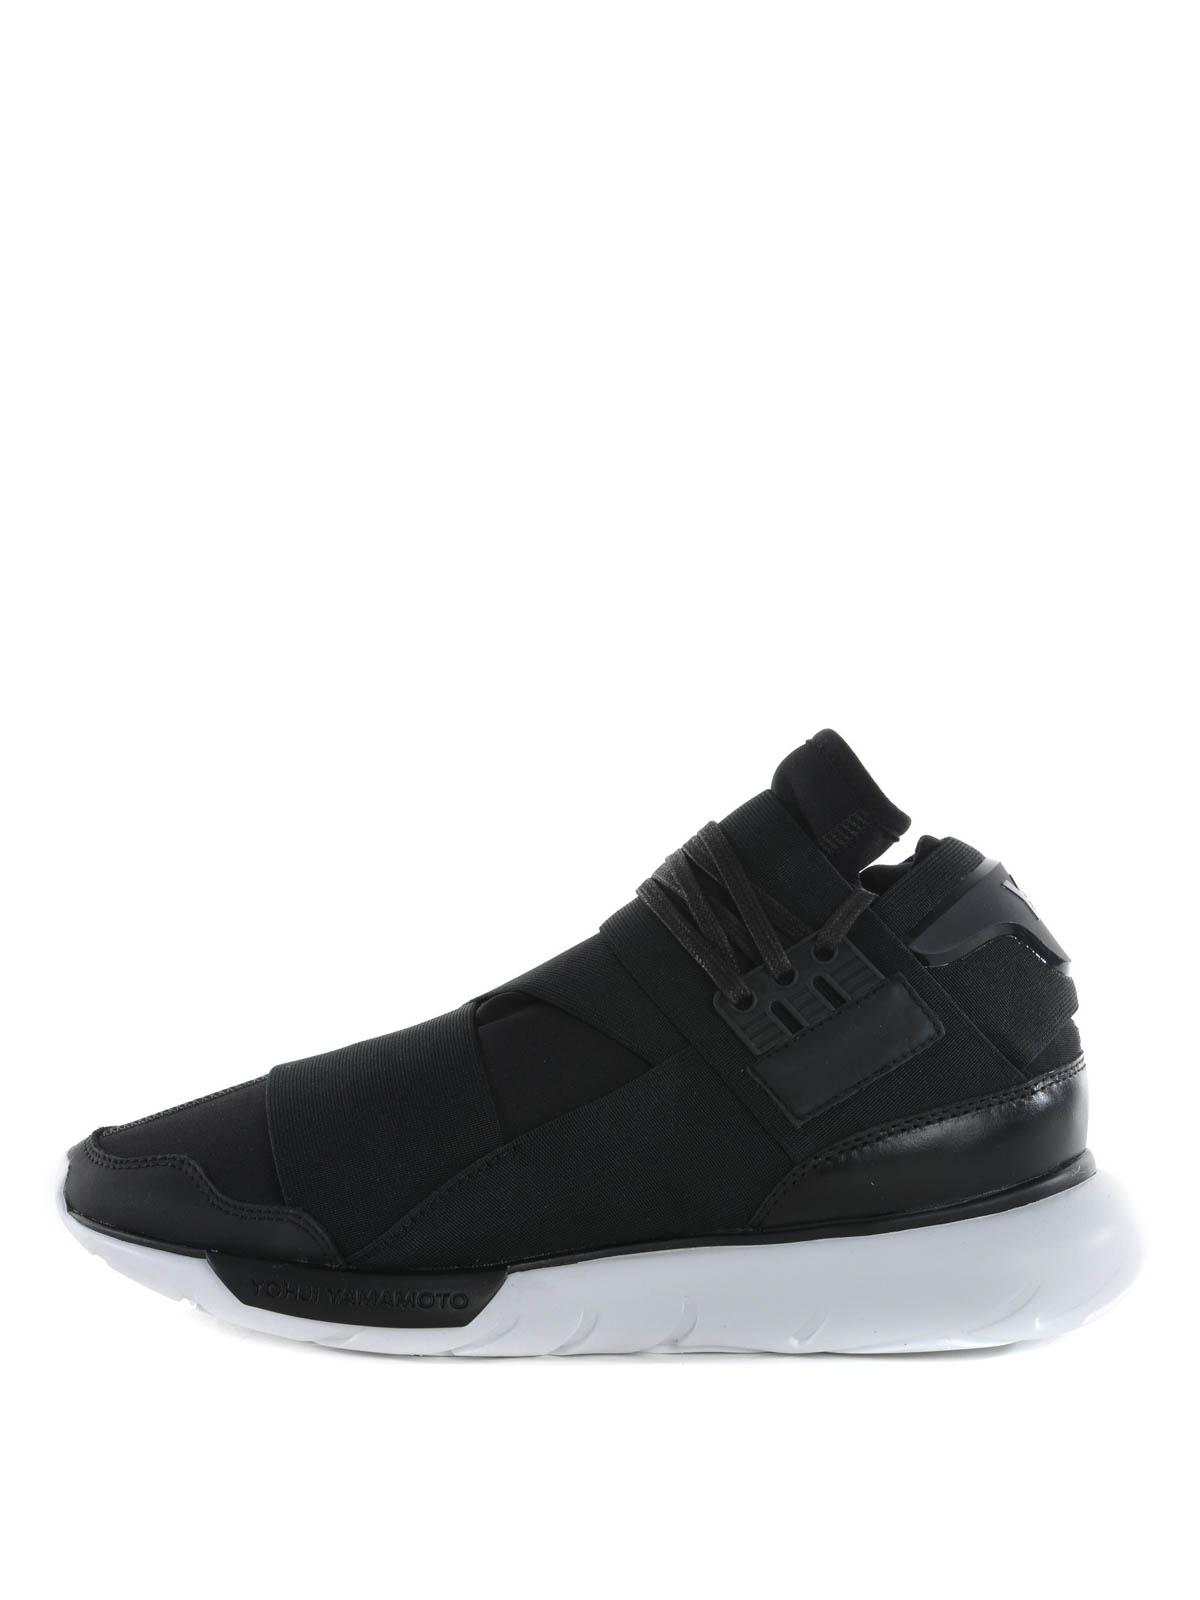 Original Adidas Sneakers: Find Cheap Adidas Y 3 Fabric Qasa